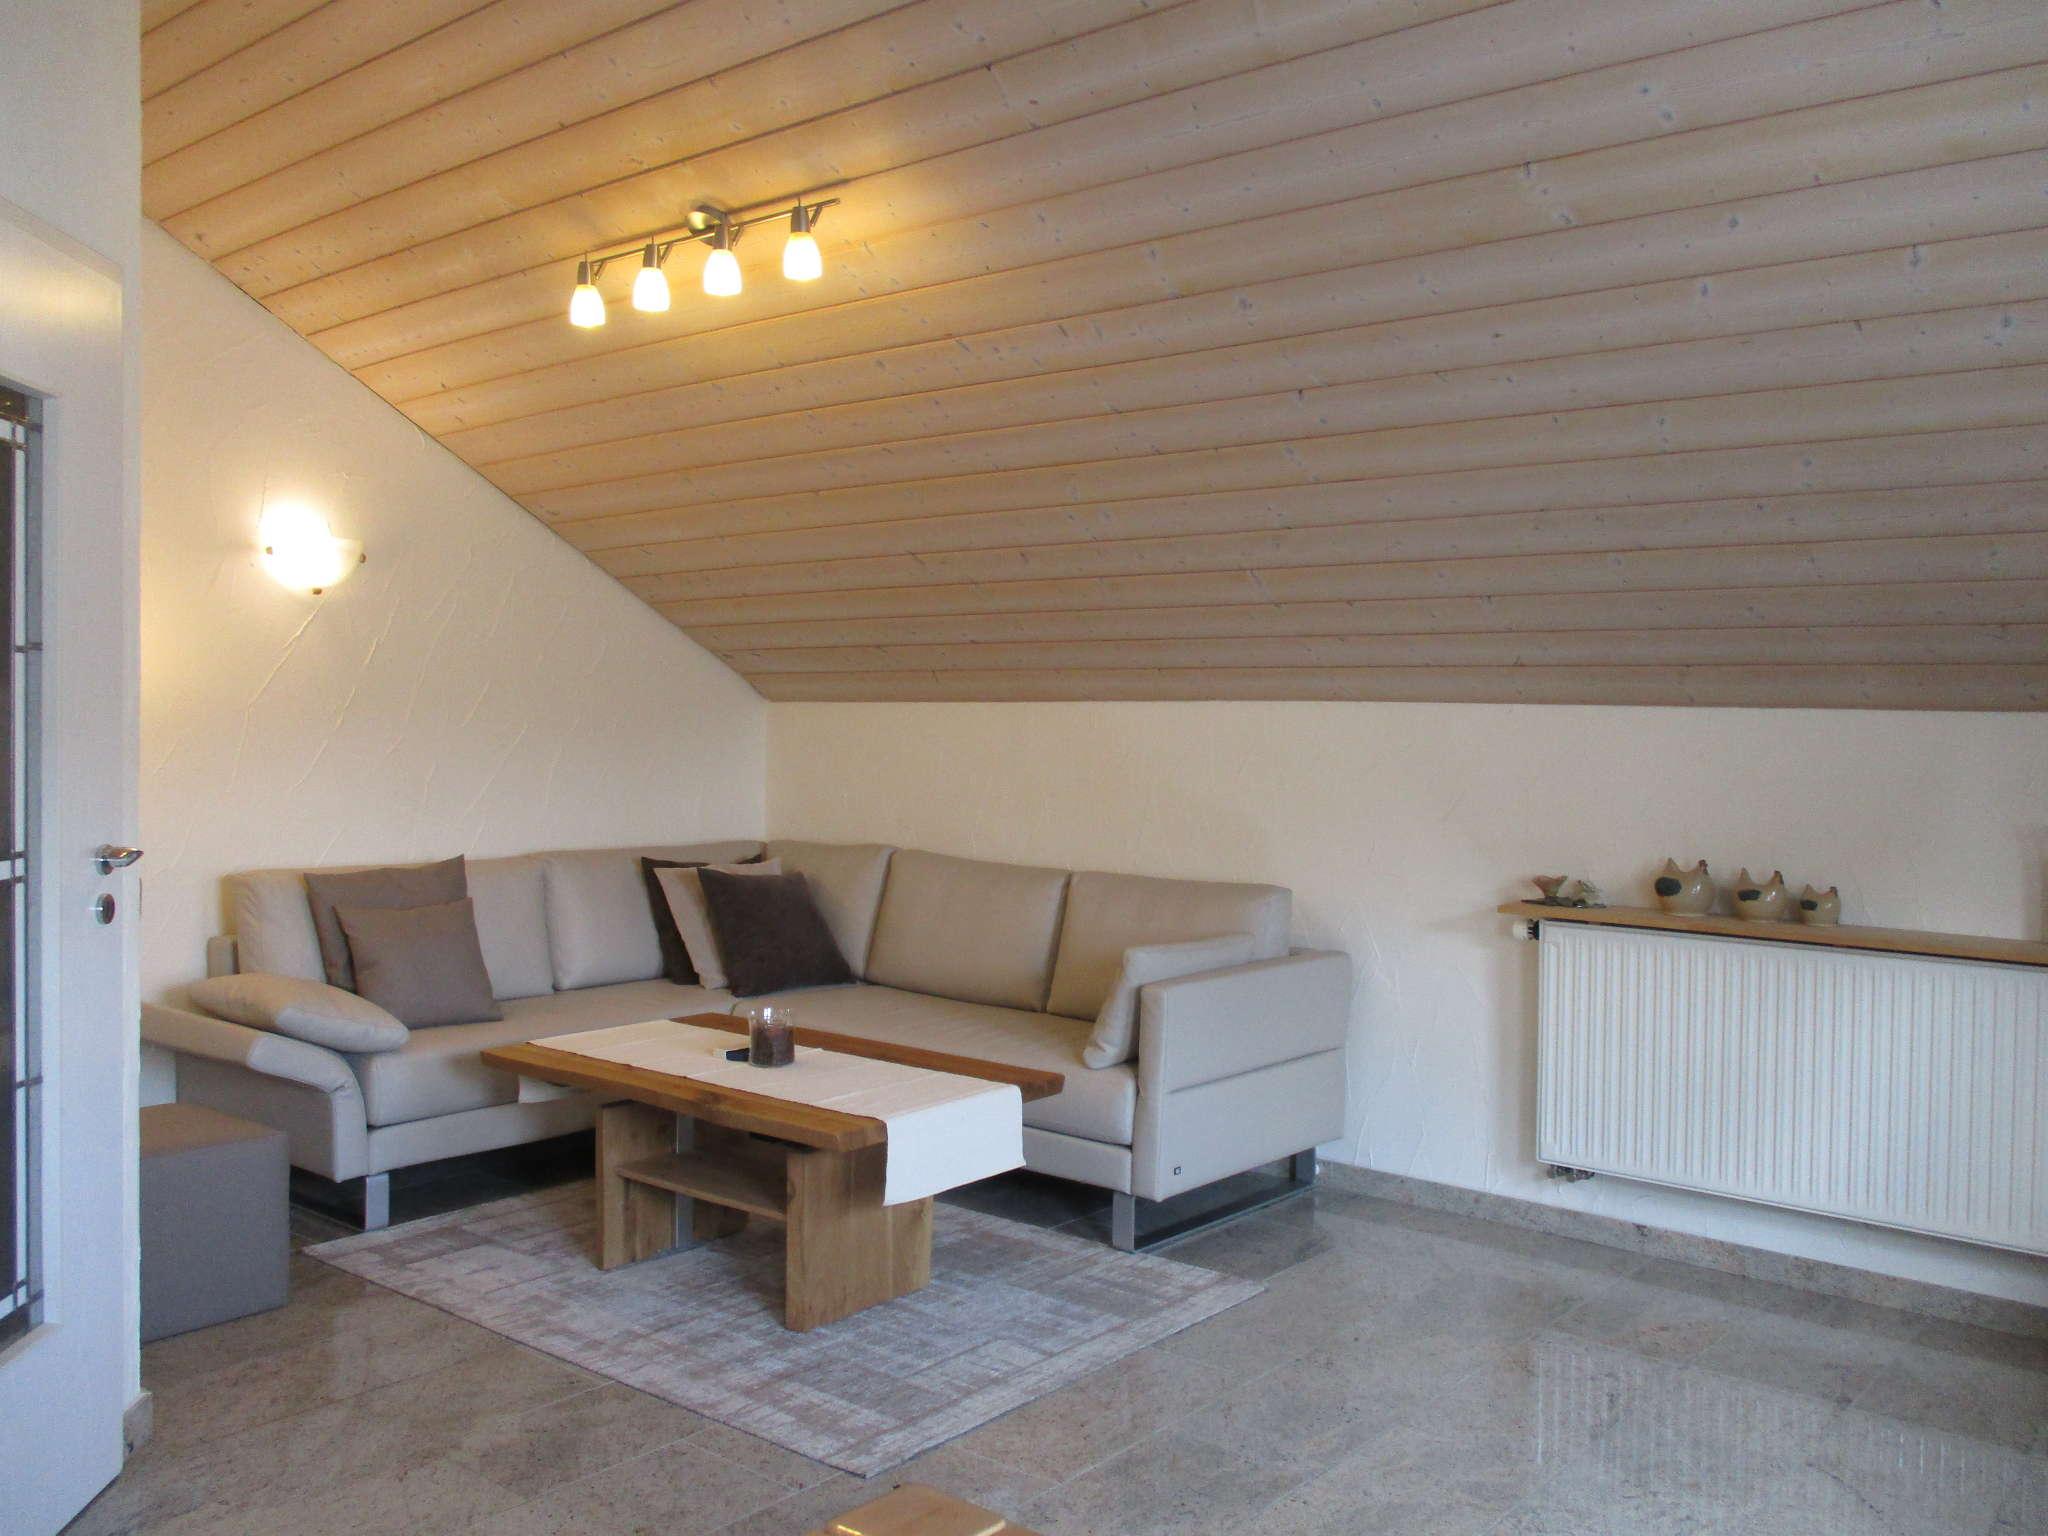 Rosenstock Wohnzimmer Sitzecke